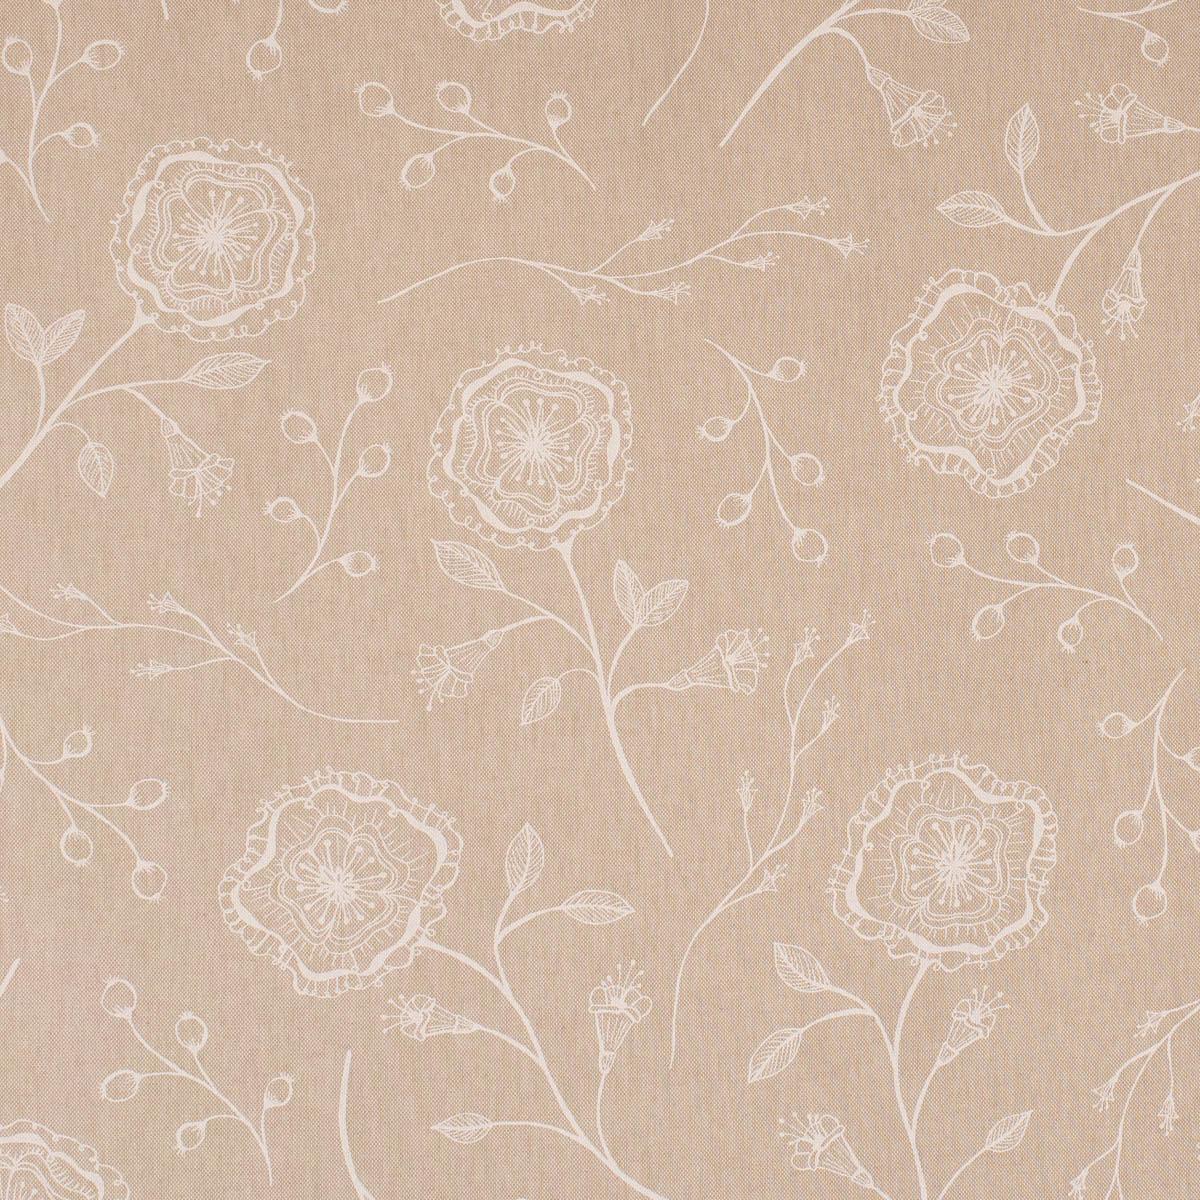 Dekostoff Halbpanama Leinenlook Flower Serene Blüten Zweige natur weiß 1,40m Breite